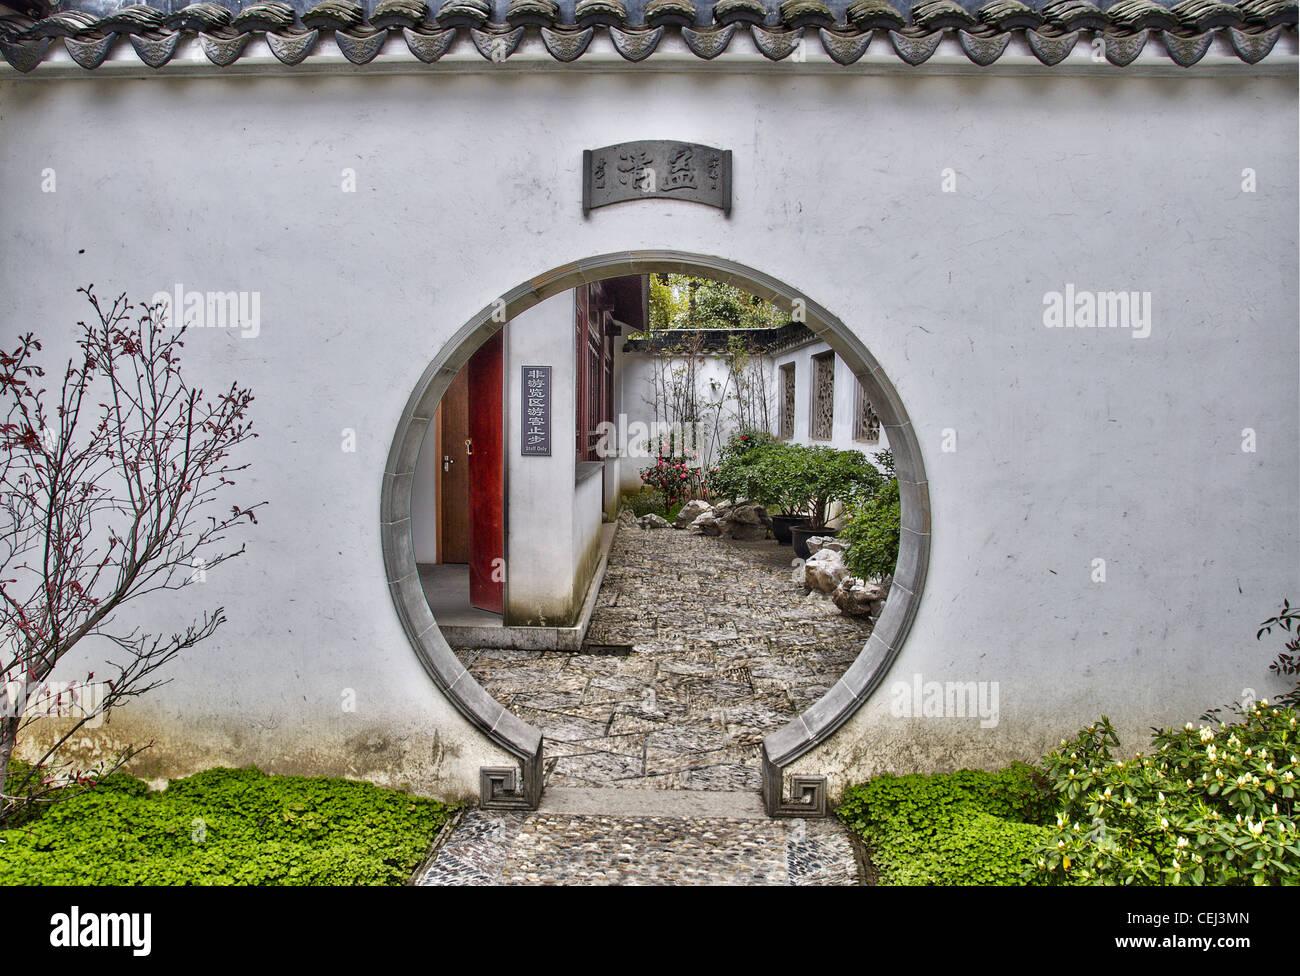 Un round della porta all'Humble Administrator's garden - Suzhou (Cina) Immagini Stock